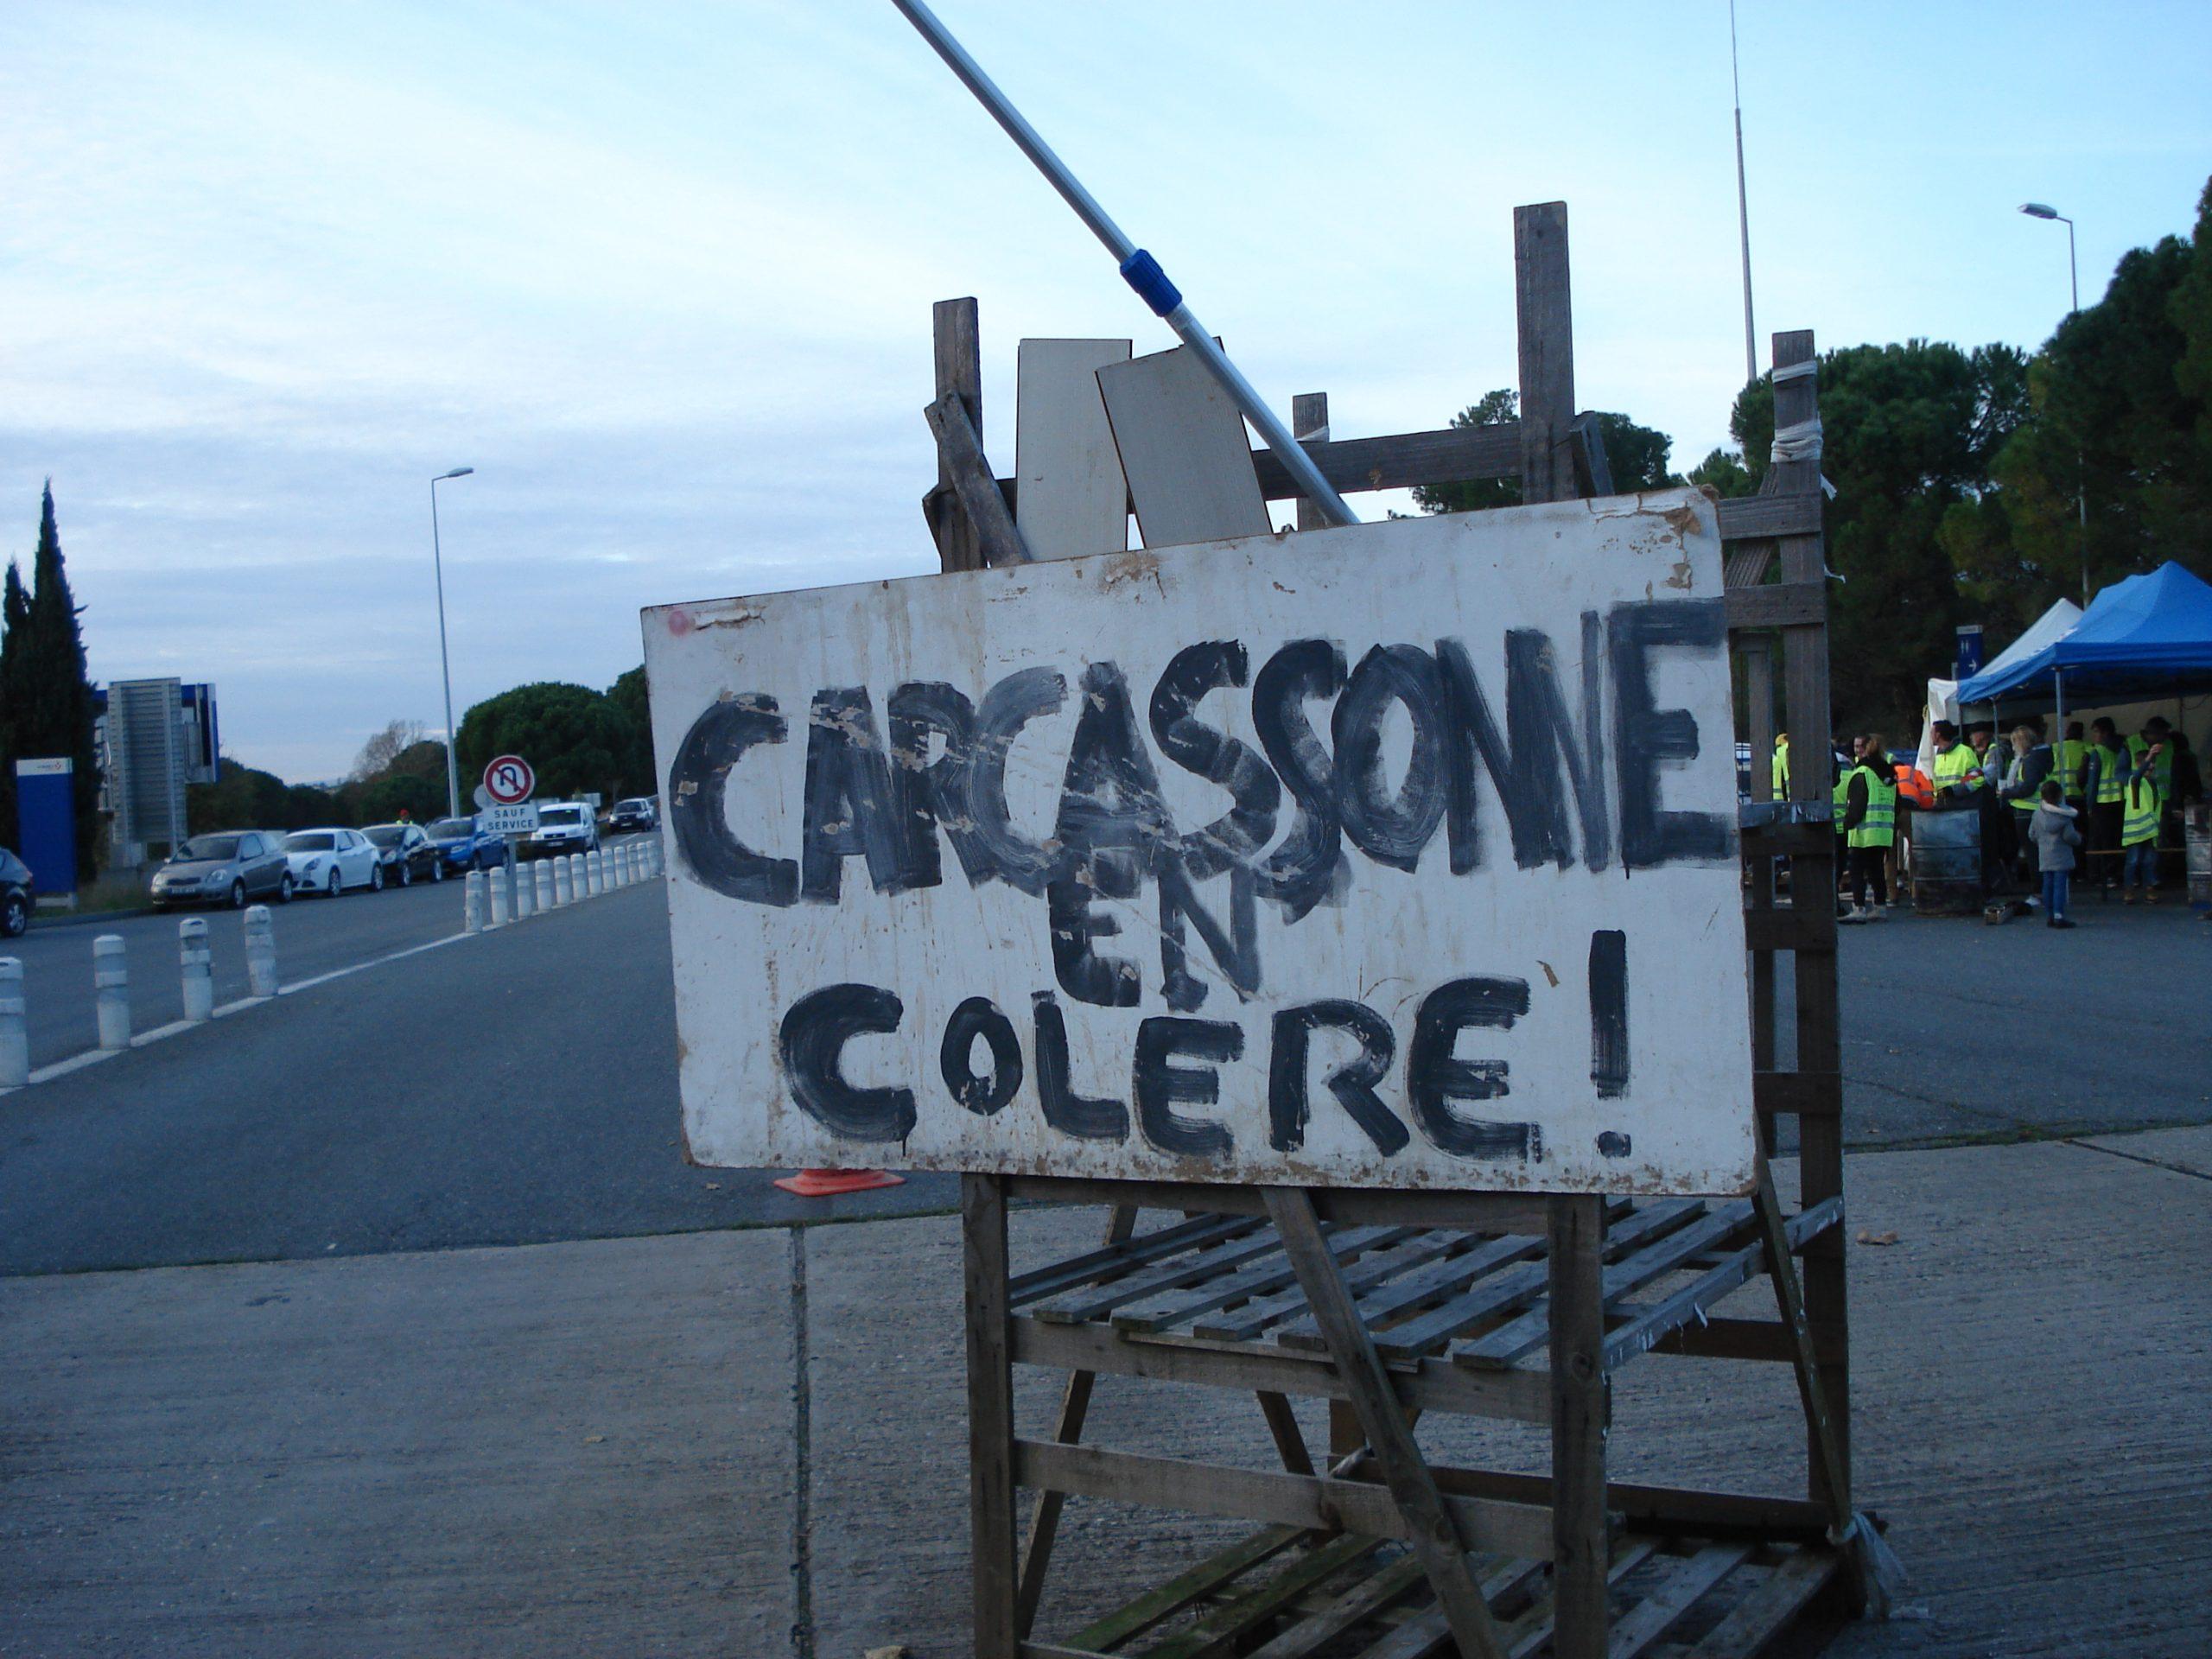 carcassonne-en-colere.jpg